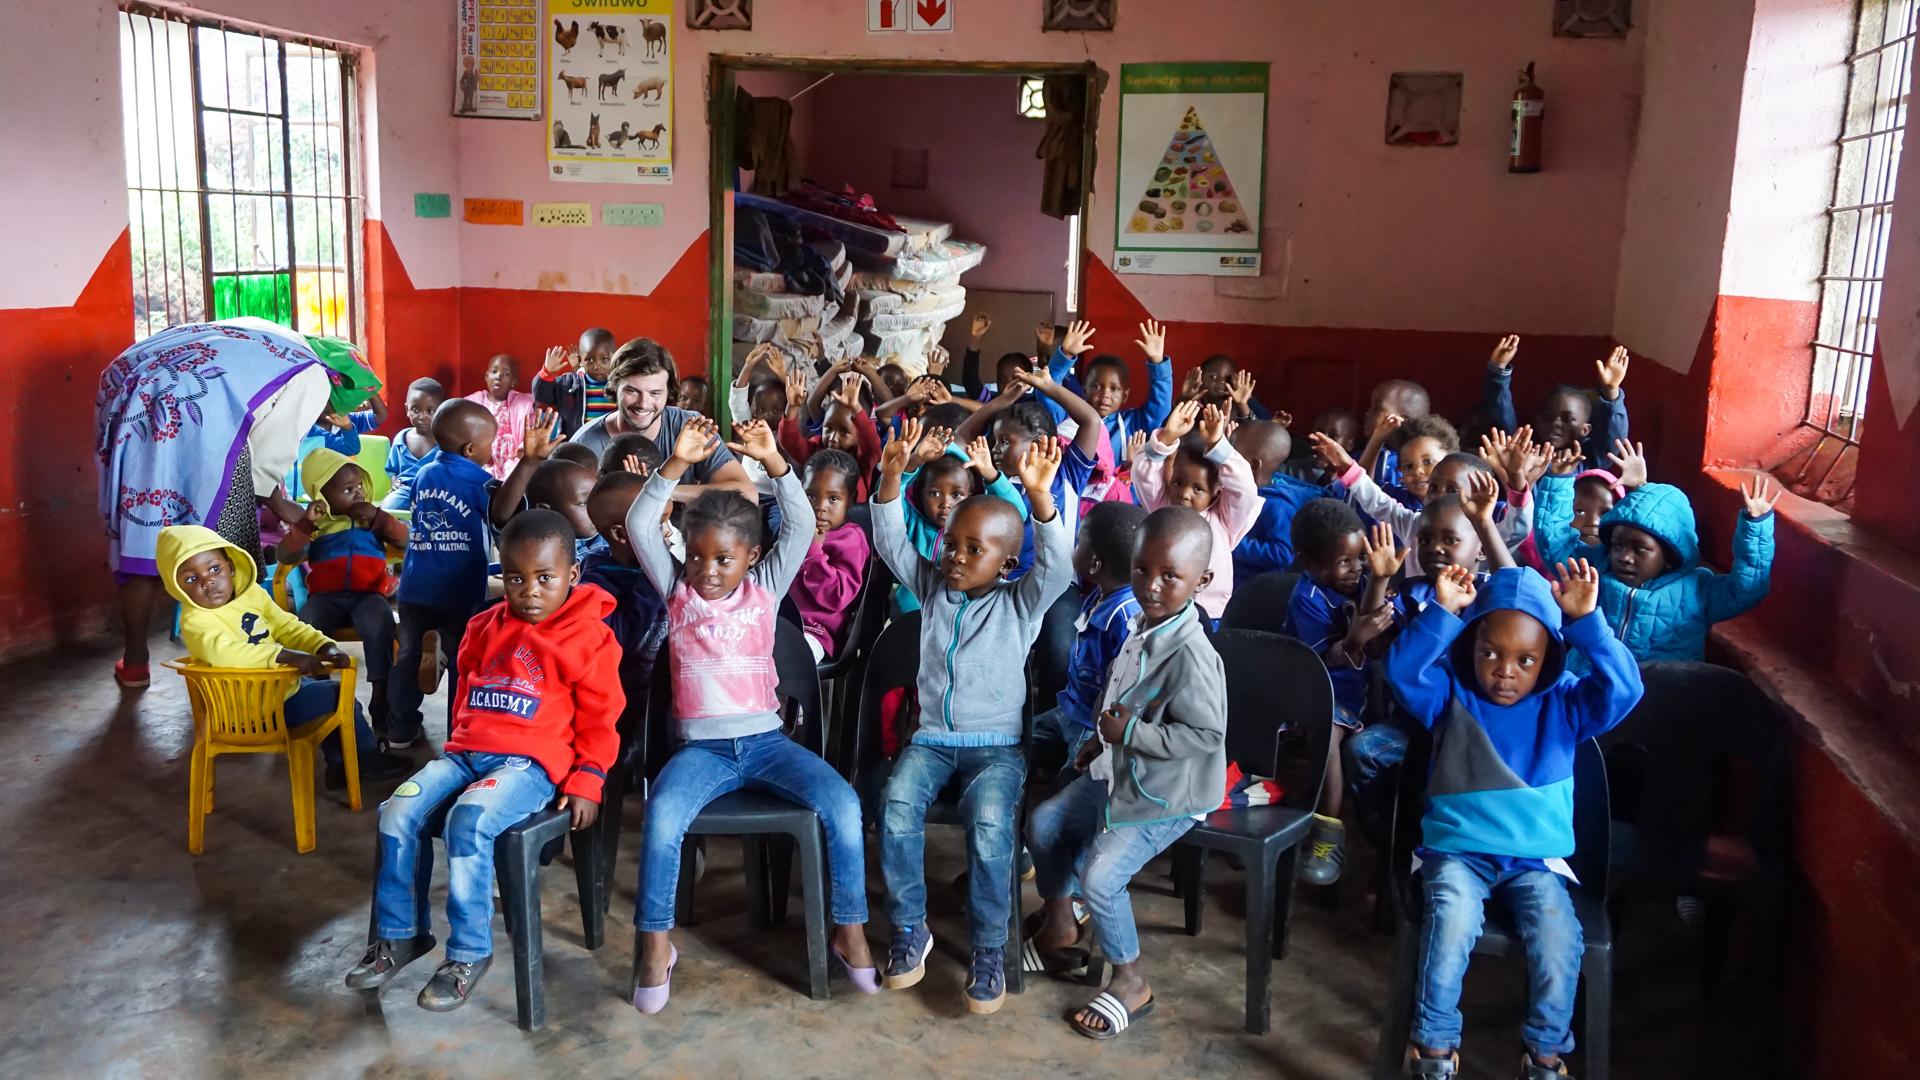 School kids next door to the textiles workshop